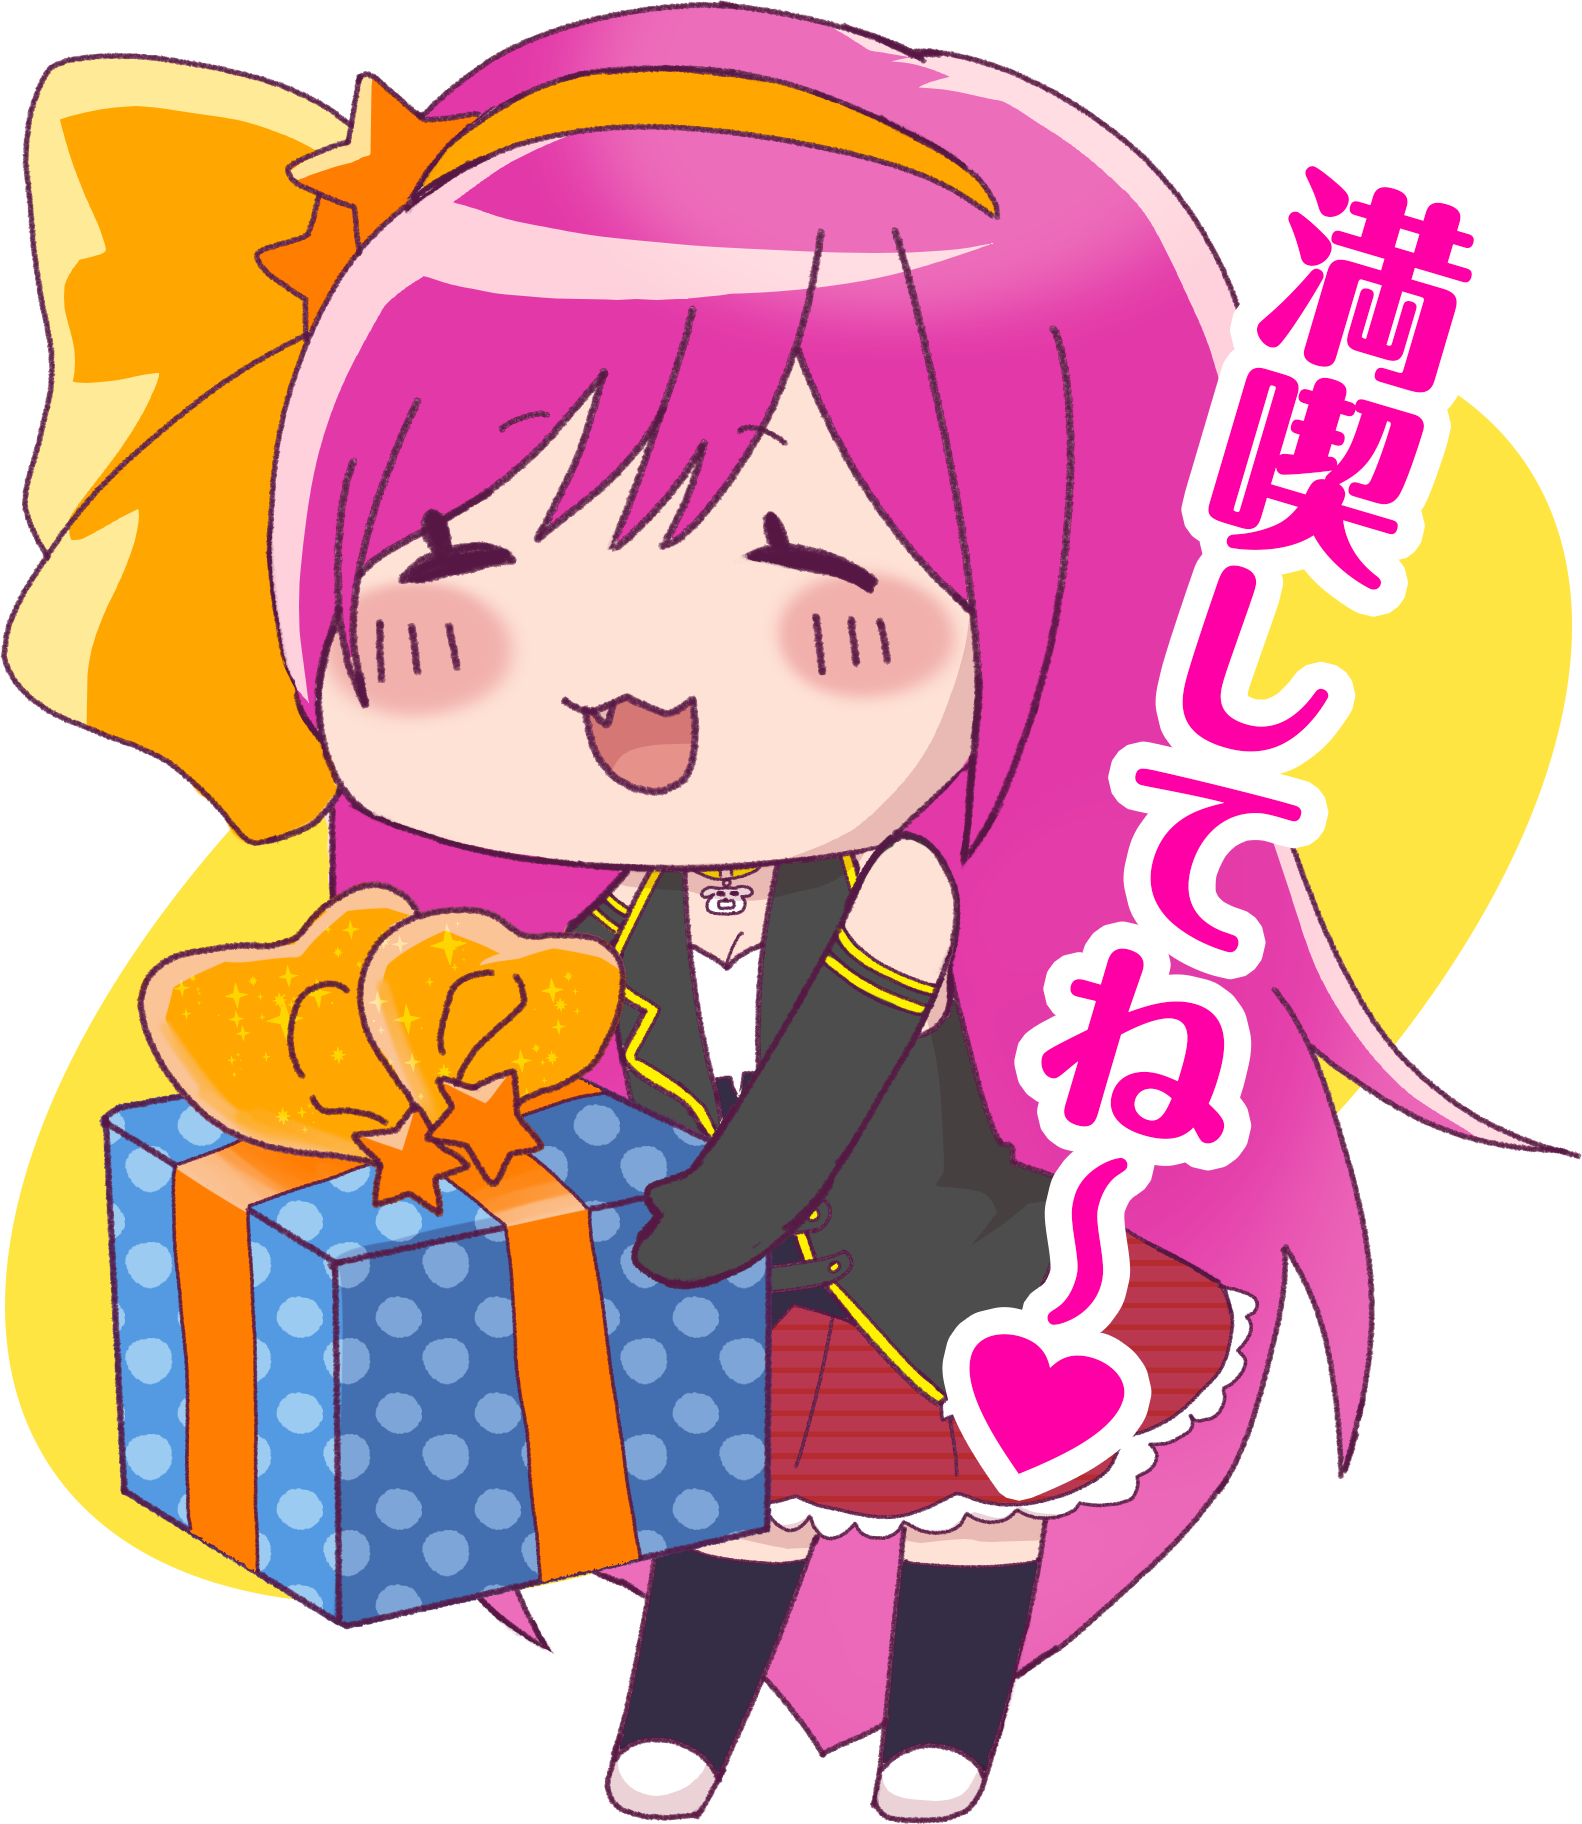 ニッキーちゃんからのプレゼント